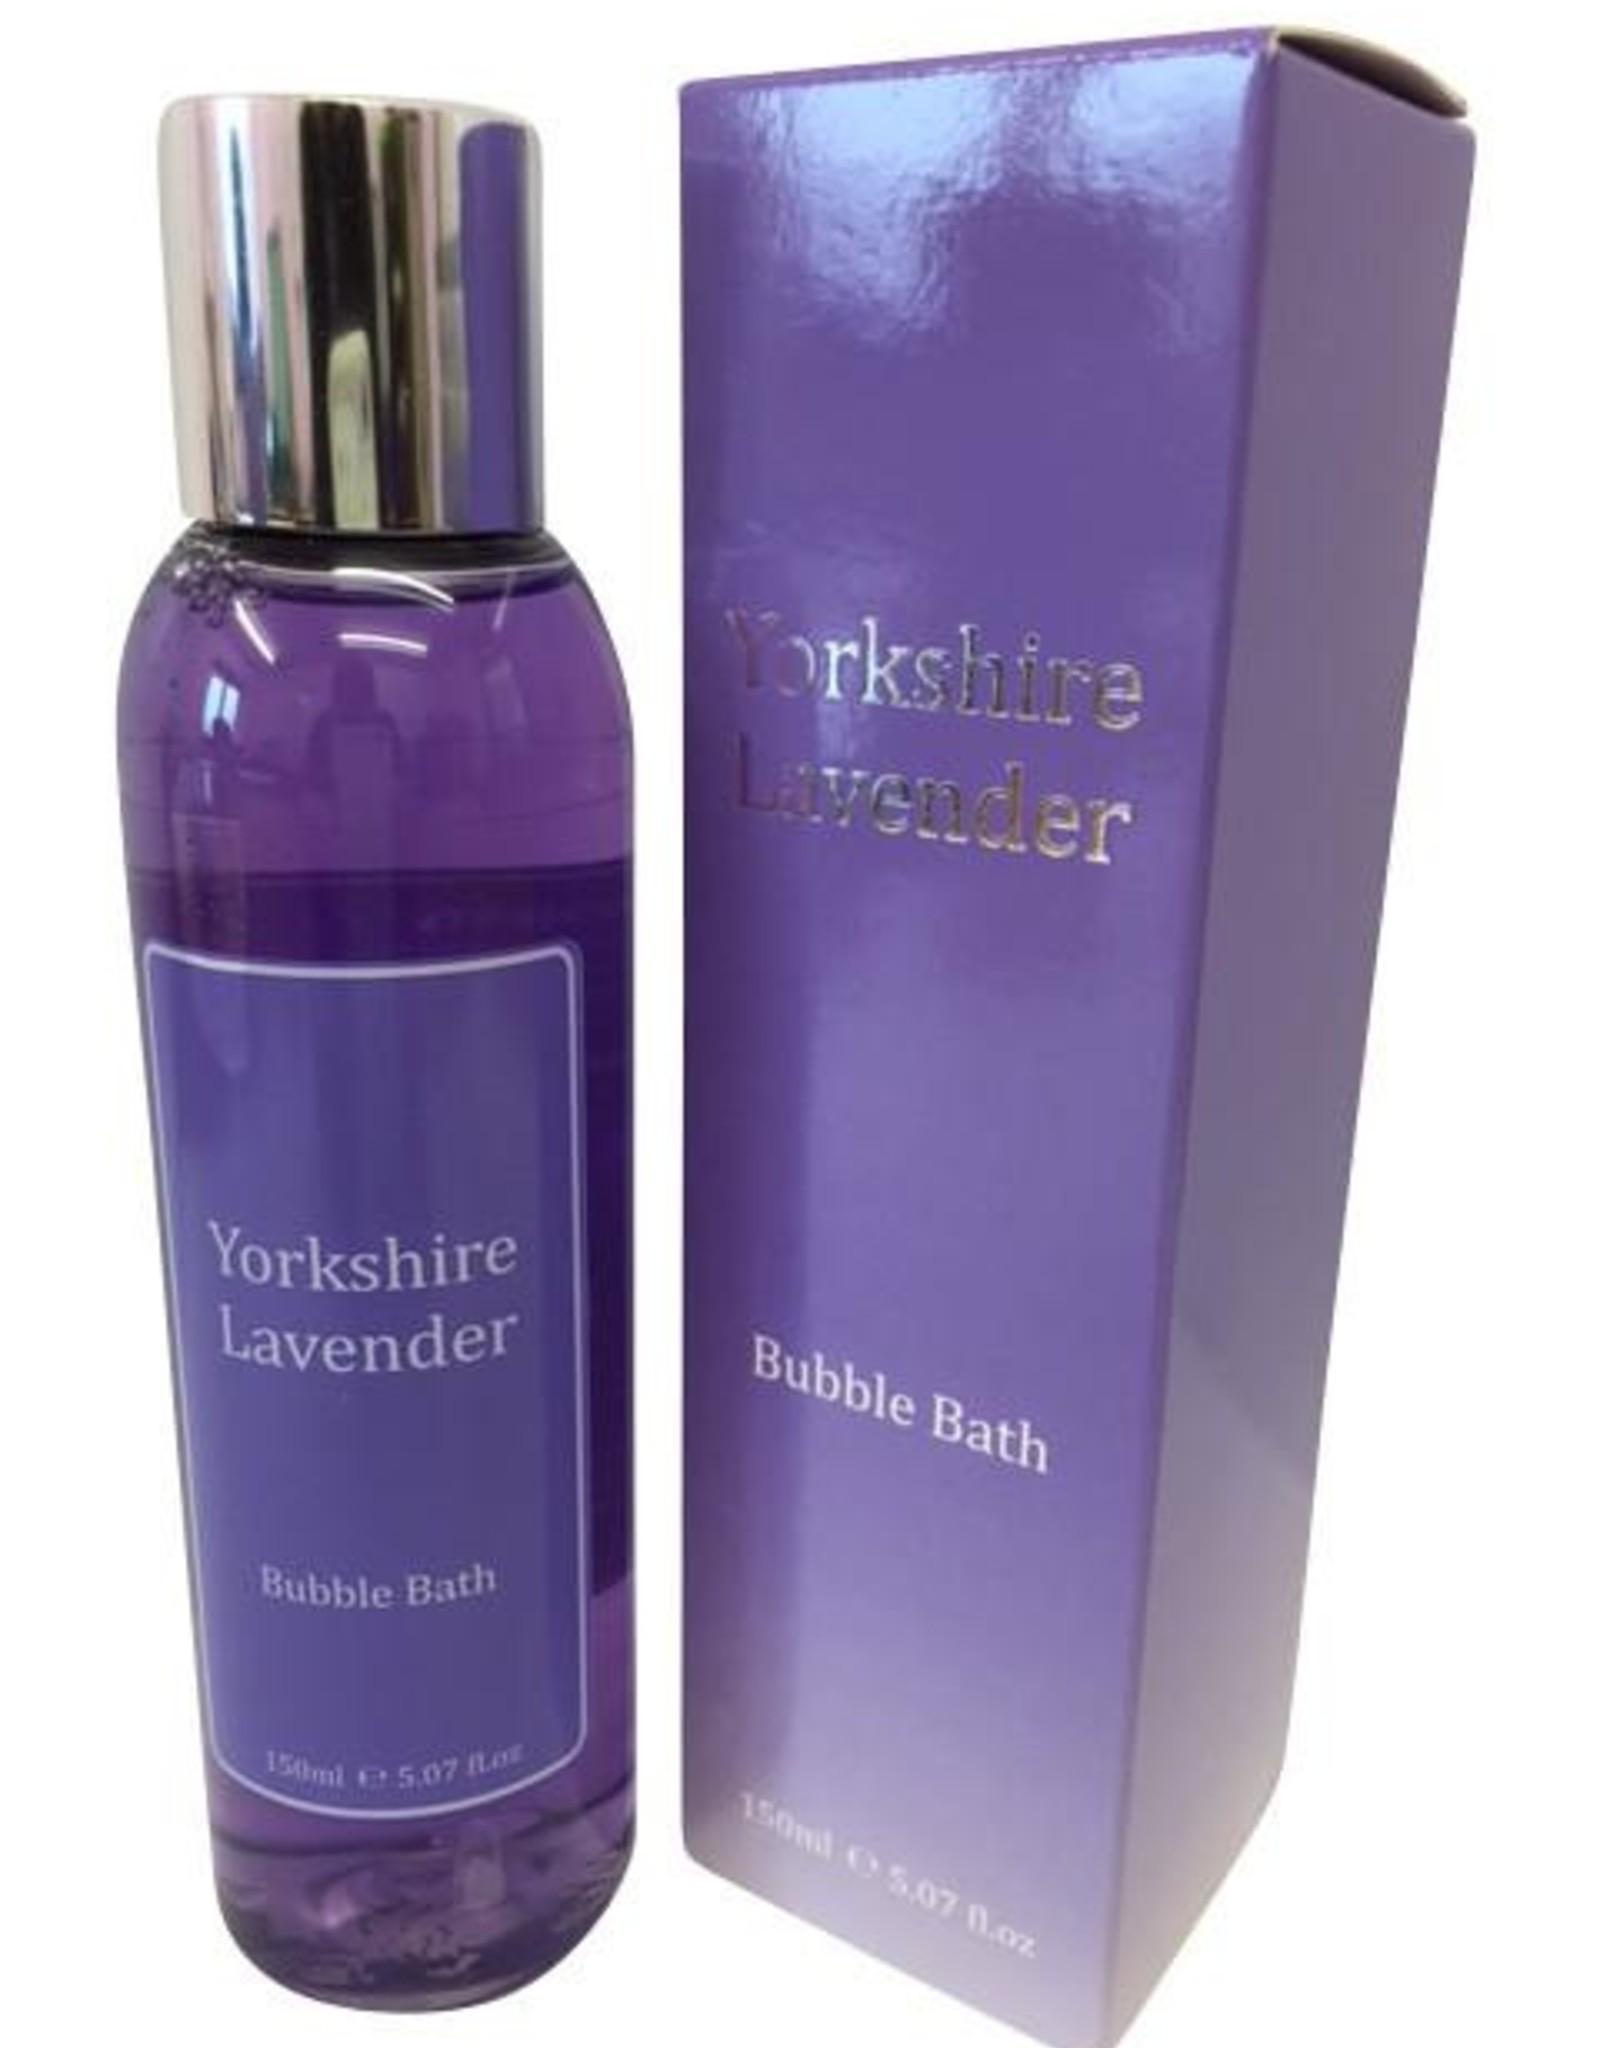 Yorkshire Lavender Bubble Bath